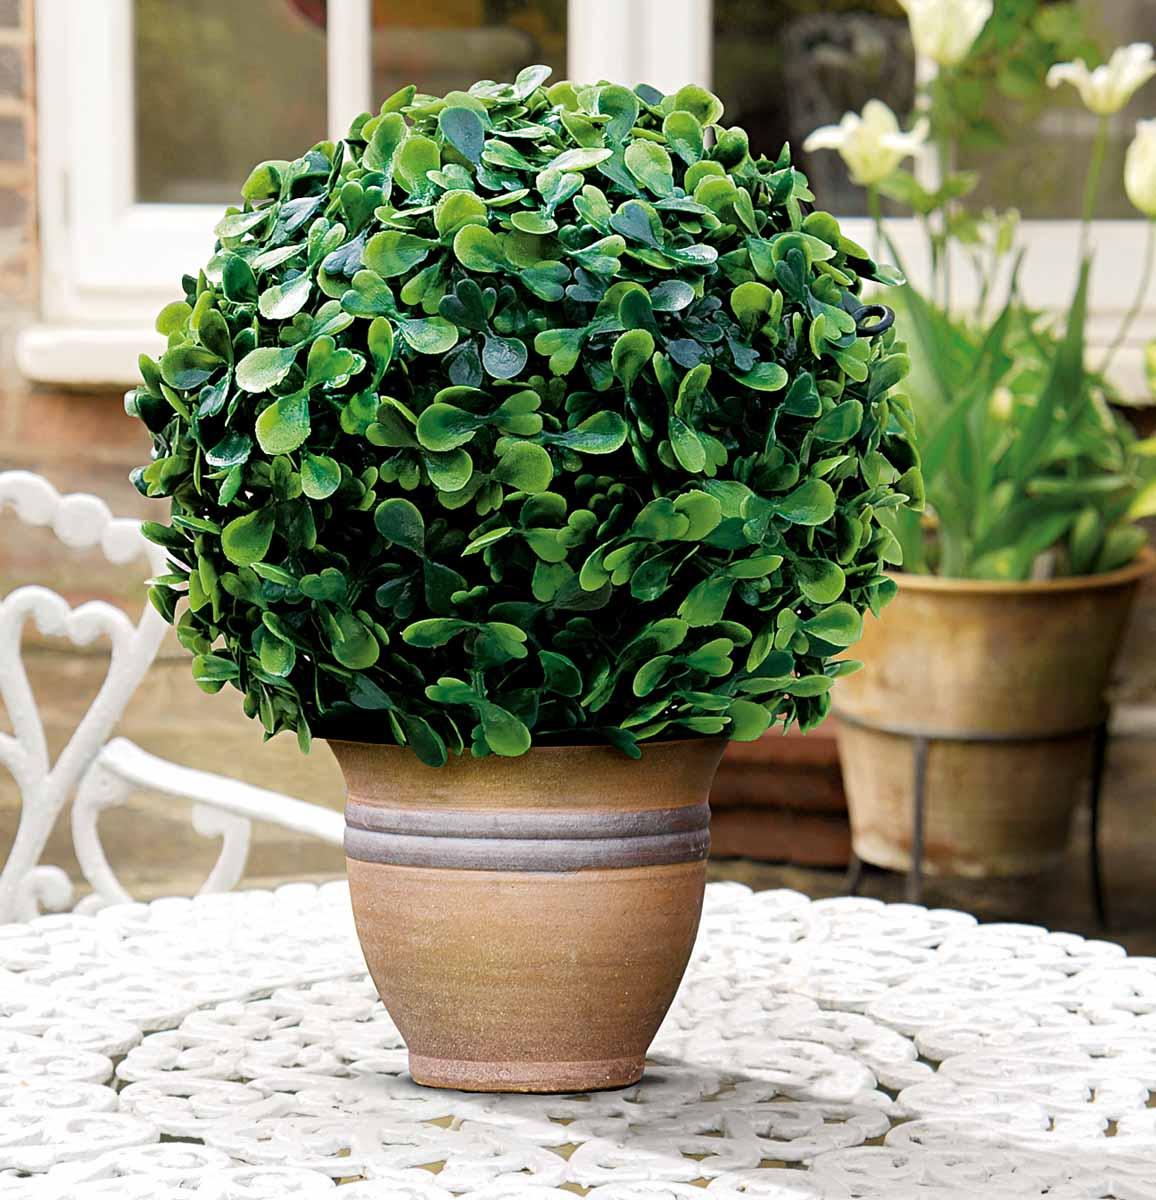 Искусственное растение Gardman Topiary Ball. Самшит, цвет: зеленый, диаметр 15 см02819Искусственное растение Gardman Topiary Ball выполнено из пластика в виде шара. Листья растения зеленого цвета имитируют самшит. Вы можете поместить растение в горшок, где оно будет очень эффектно смотреться. Растение устойчиво к воздействиям внешней среды, таким как влажность, солнце, перепады температуры, не выцветает со временем. Искусственное растение Gardman Topiary Ball великолепно украсит интерьер офиса, дома или сада.Характеристики:Материал: пластик. Цвет: зеленый. Диаметр шара: 15 см.